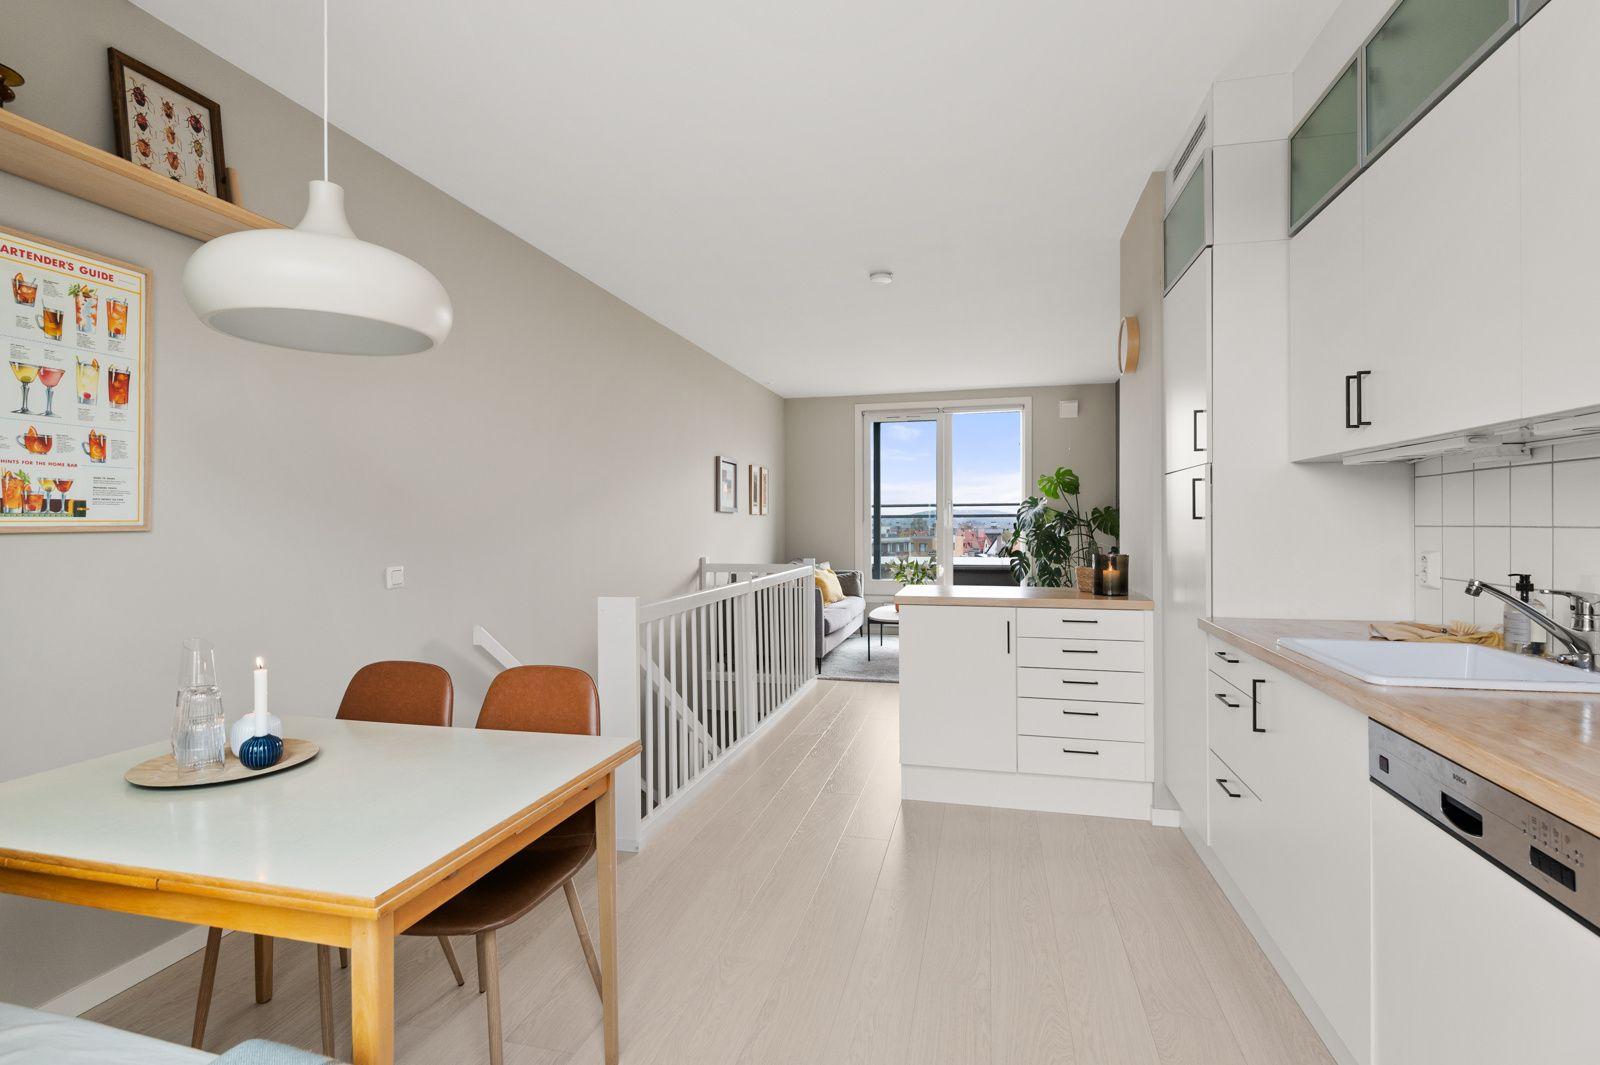 Bergensgata 36 G Etasjen er fint oppdelt med stueavdeling med balkong og kjøkken med spiseplass og takterrasse.